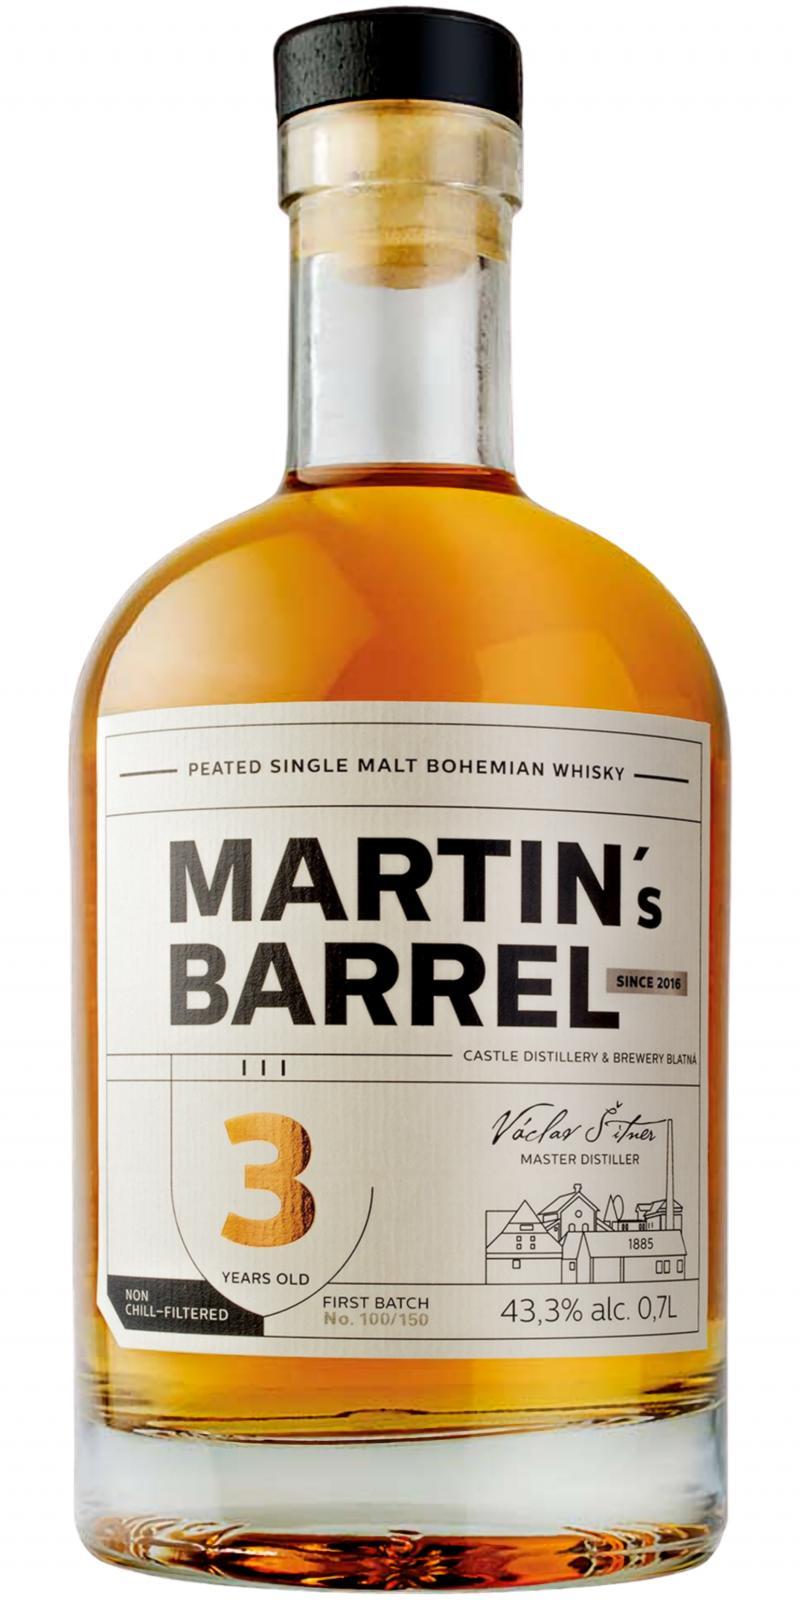 Martin's Barrel 03-year-old